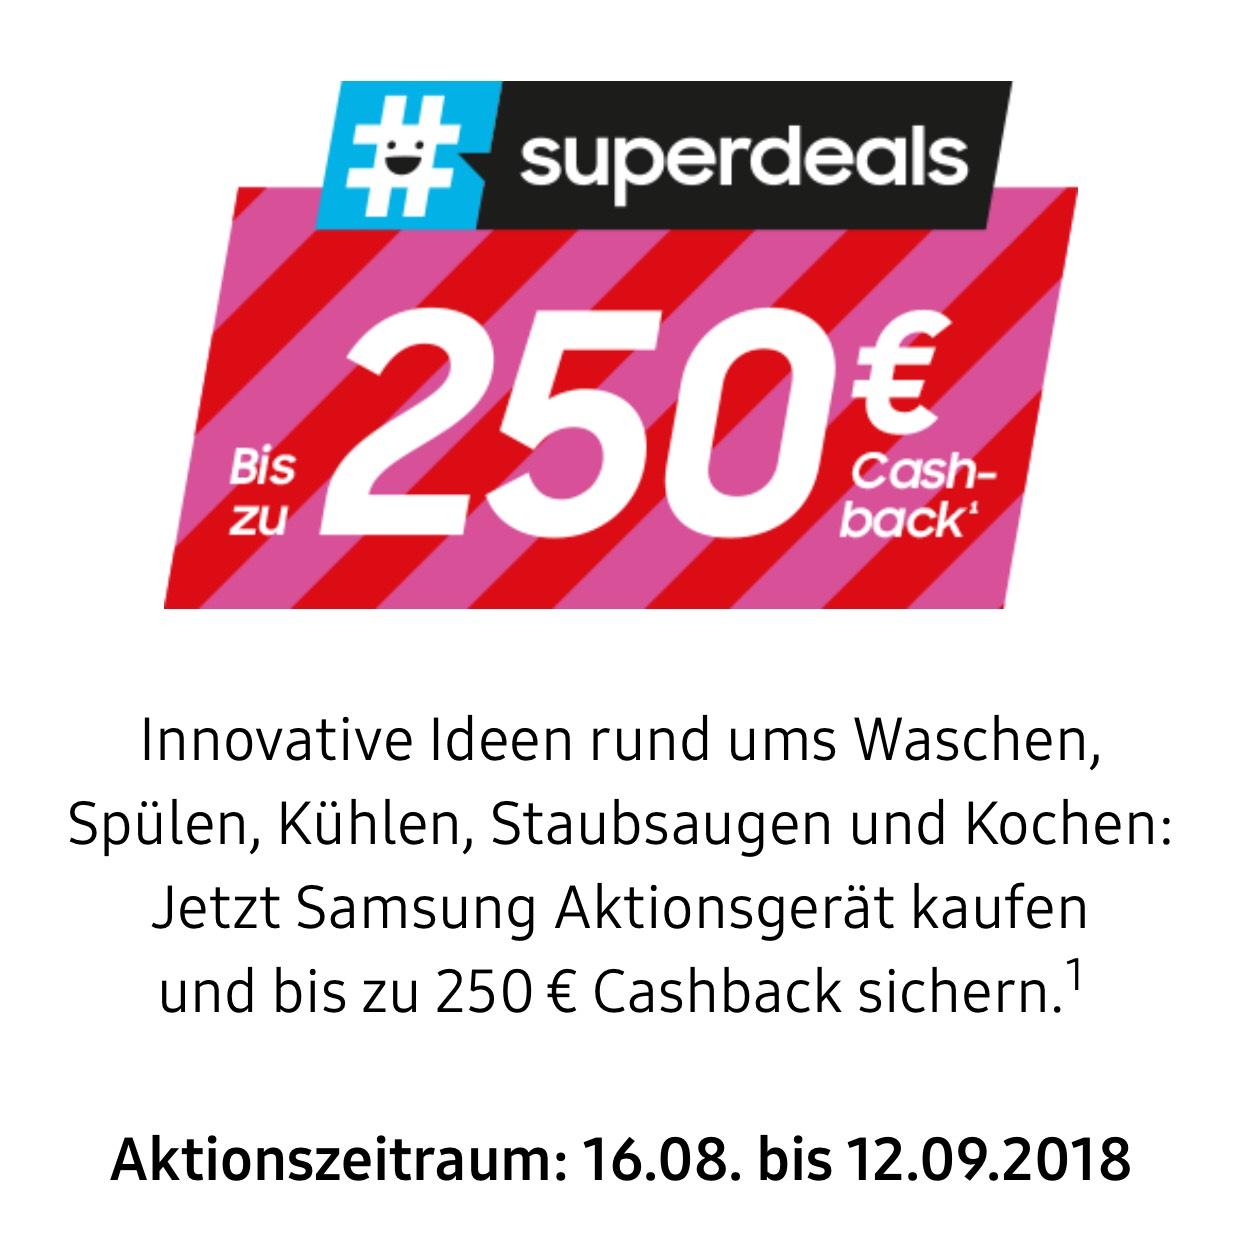 Samsung Hausgeräte-Cashback-Aktion vom 16.08. bis 12.09.2018